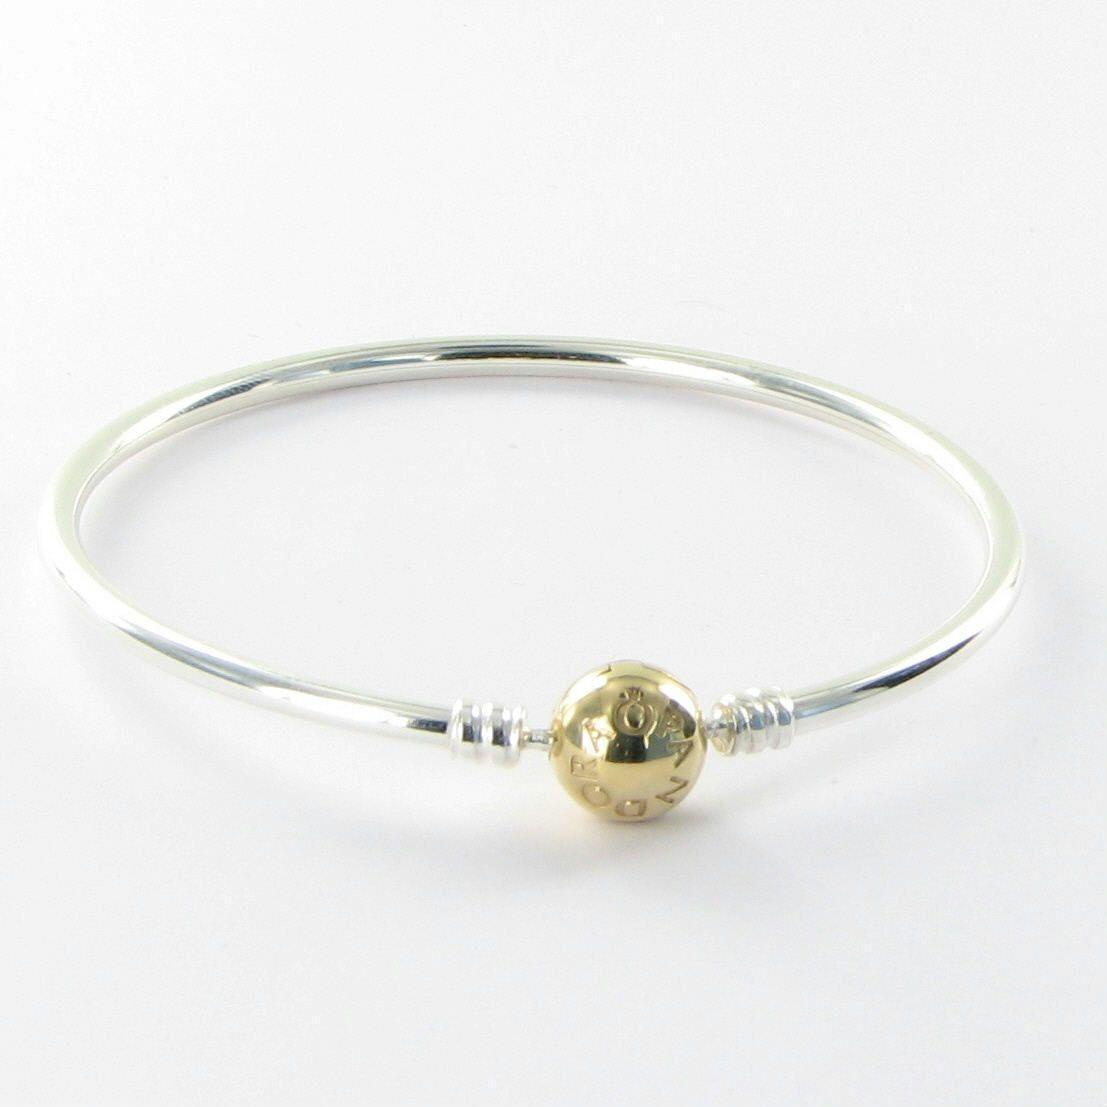 Pandora 590718 19cm Sterling Silver Bangle Bracelet 14k. Sea Glass Pendant. Vintage Cartier Brooch. Genuine Jade Bracelet. Big Wedding Rings. Indian Bangle Bracelets. Amora Gem Engagement Rings. Unique Wedding Rings. Elastic Anklet